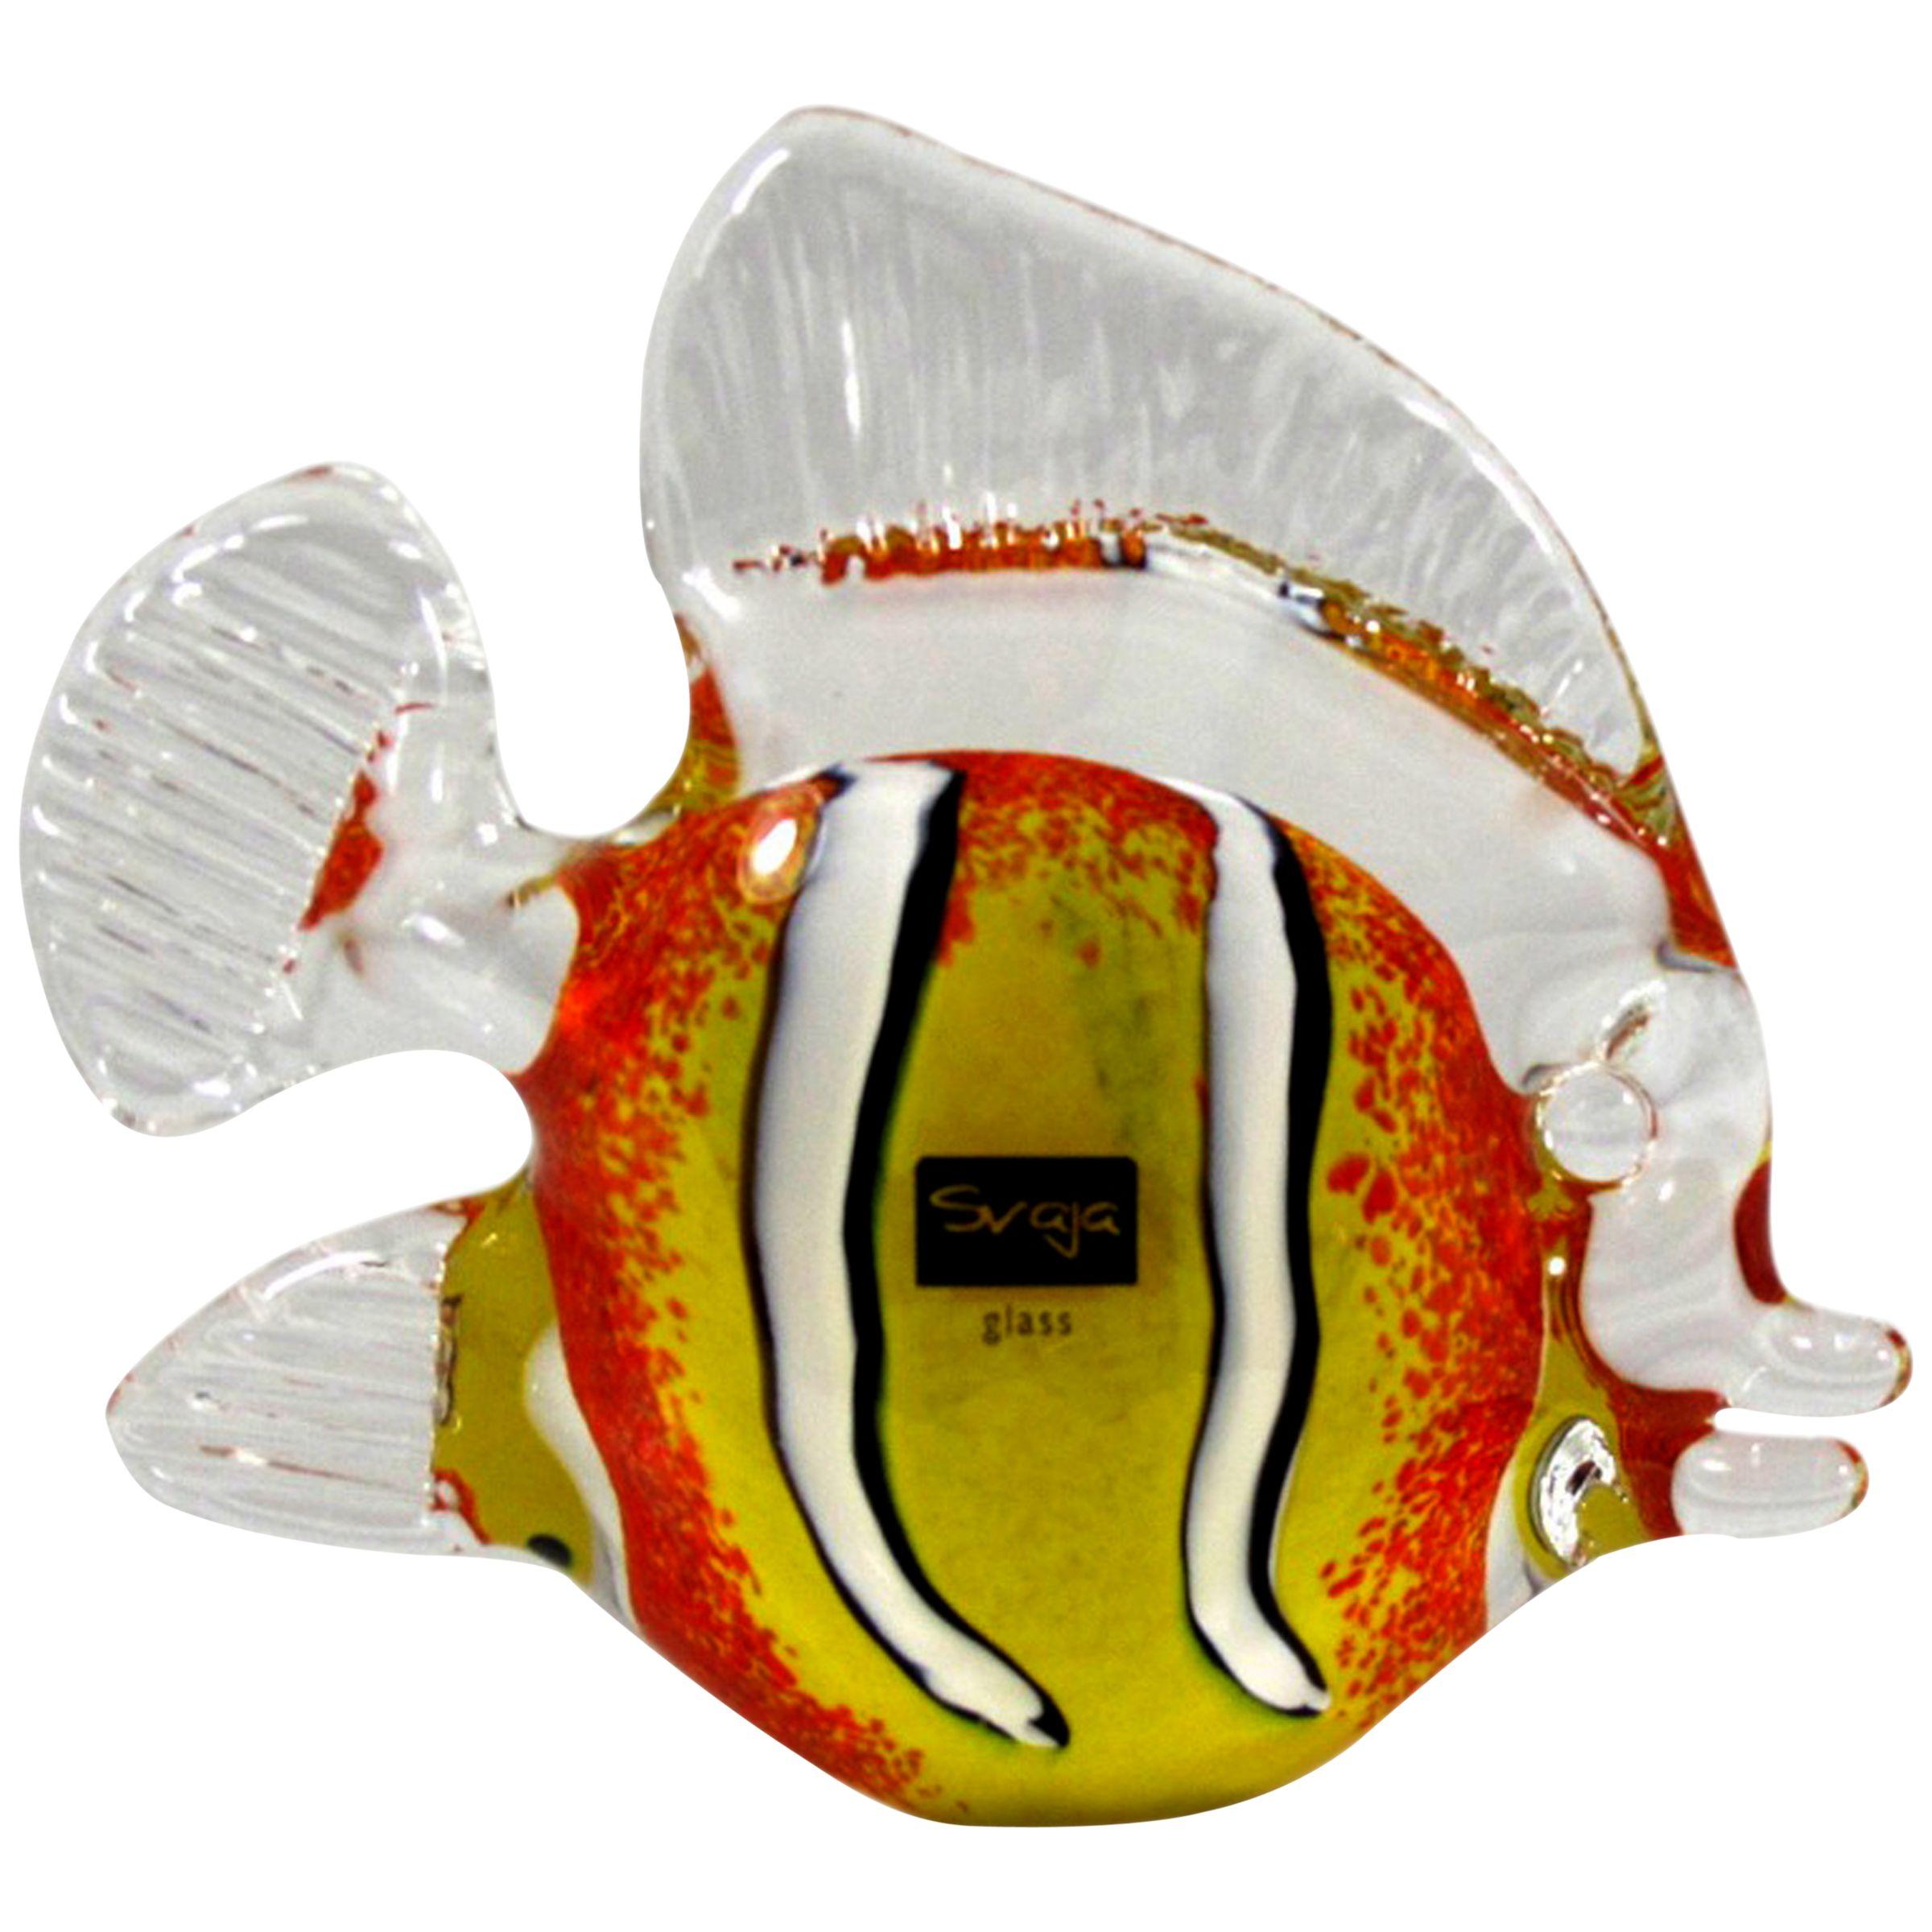 Svaja Svaja Clownfish Glass Ornament